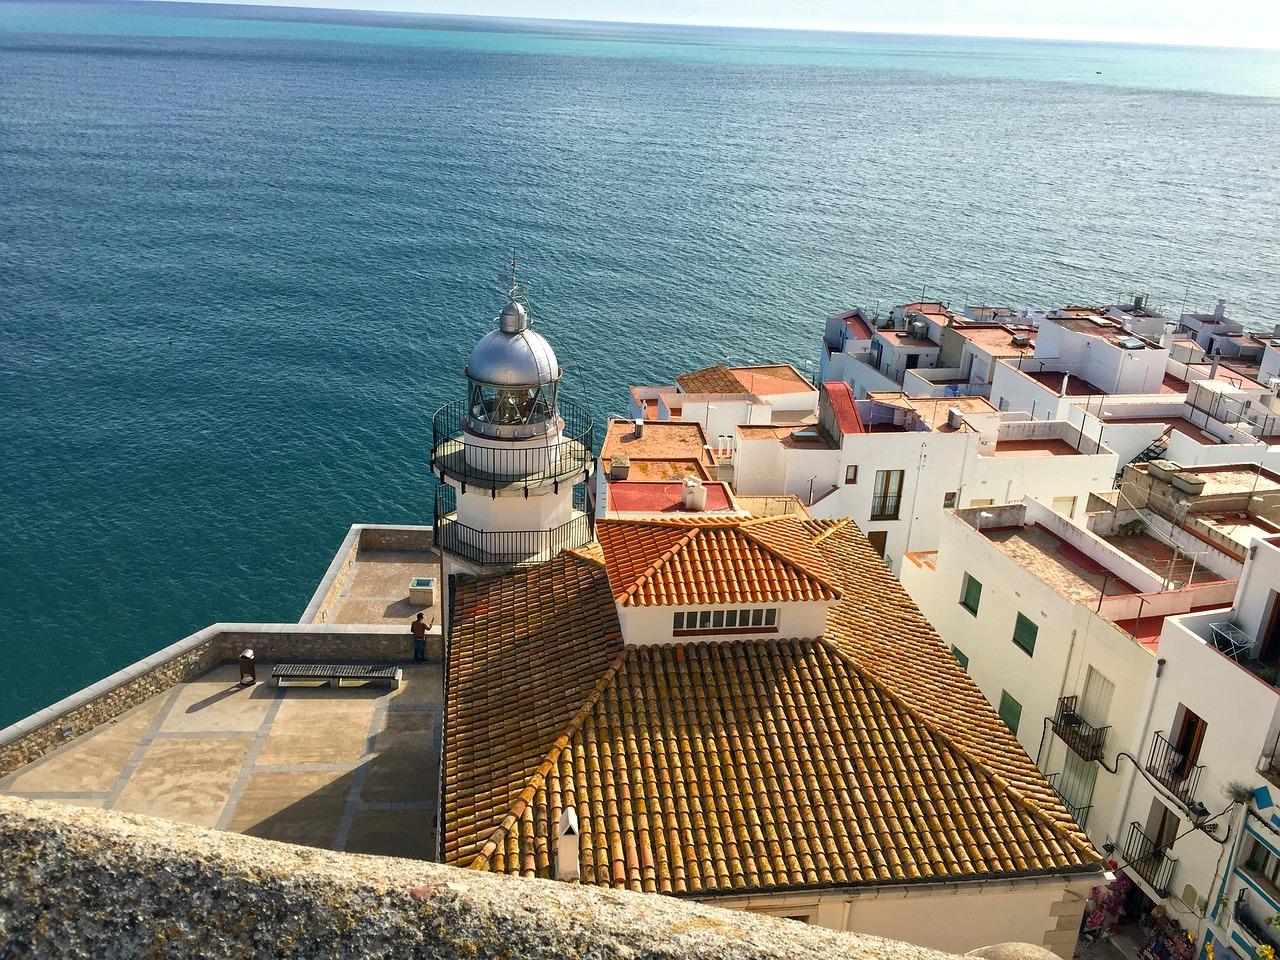 La subida al Castillo de Peñíscola, una gozada para los sentidos